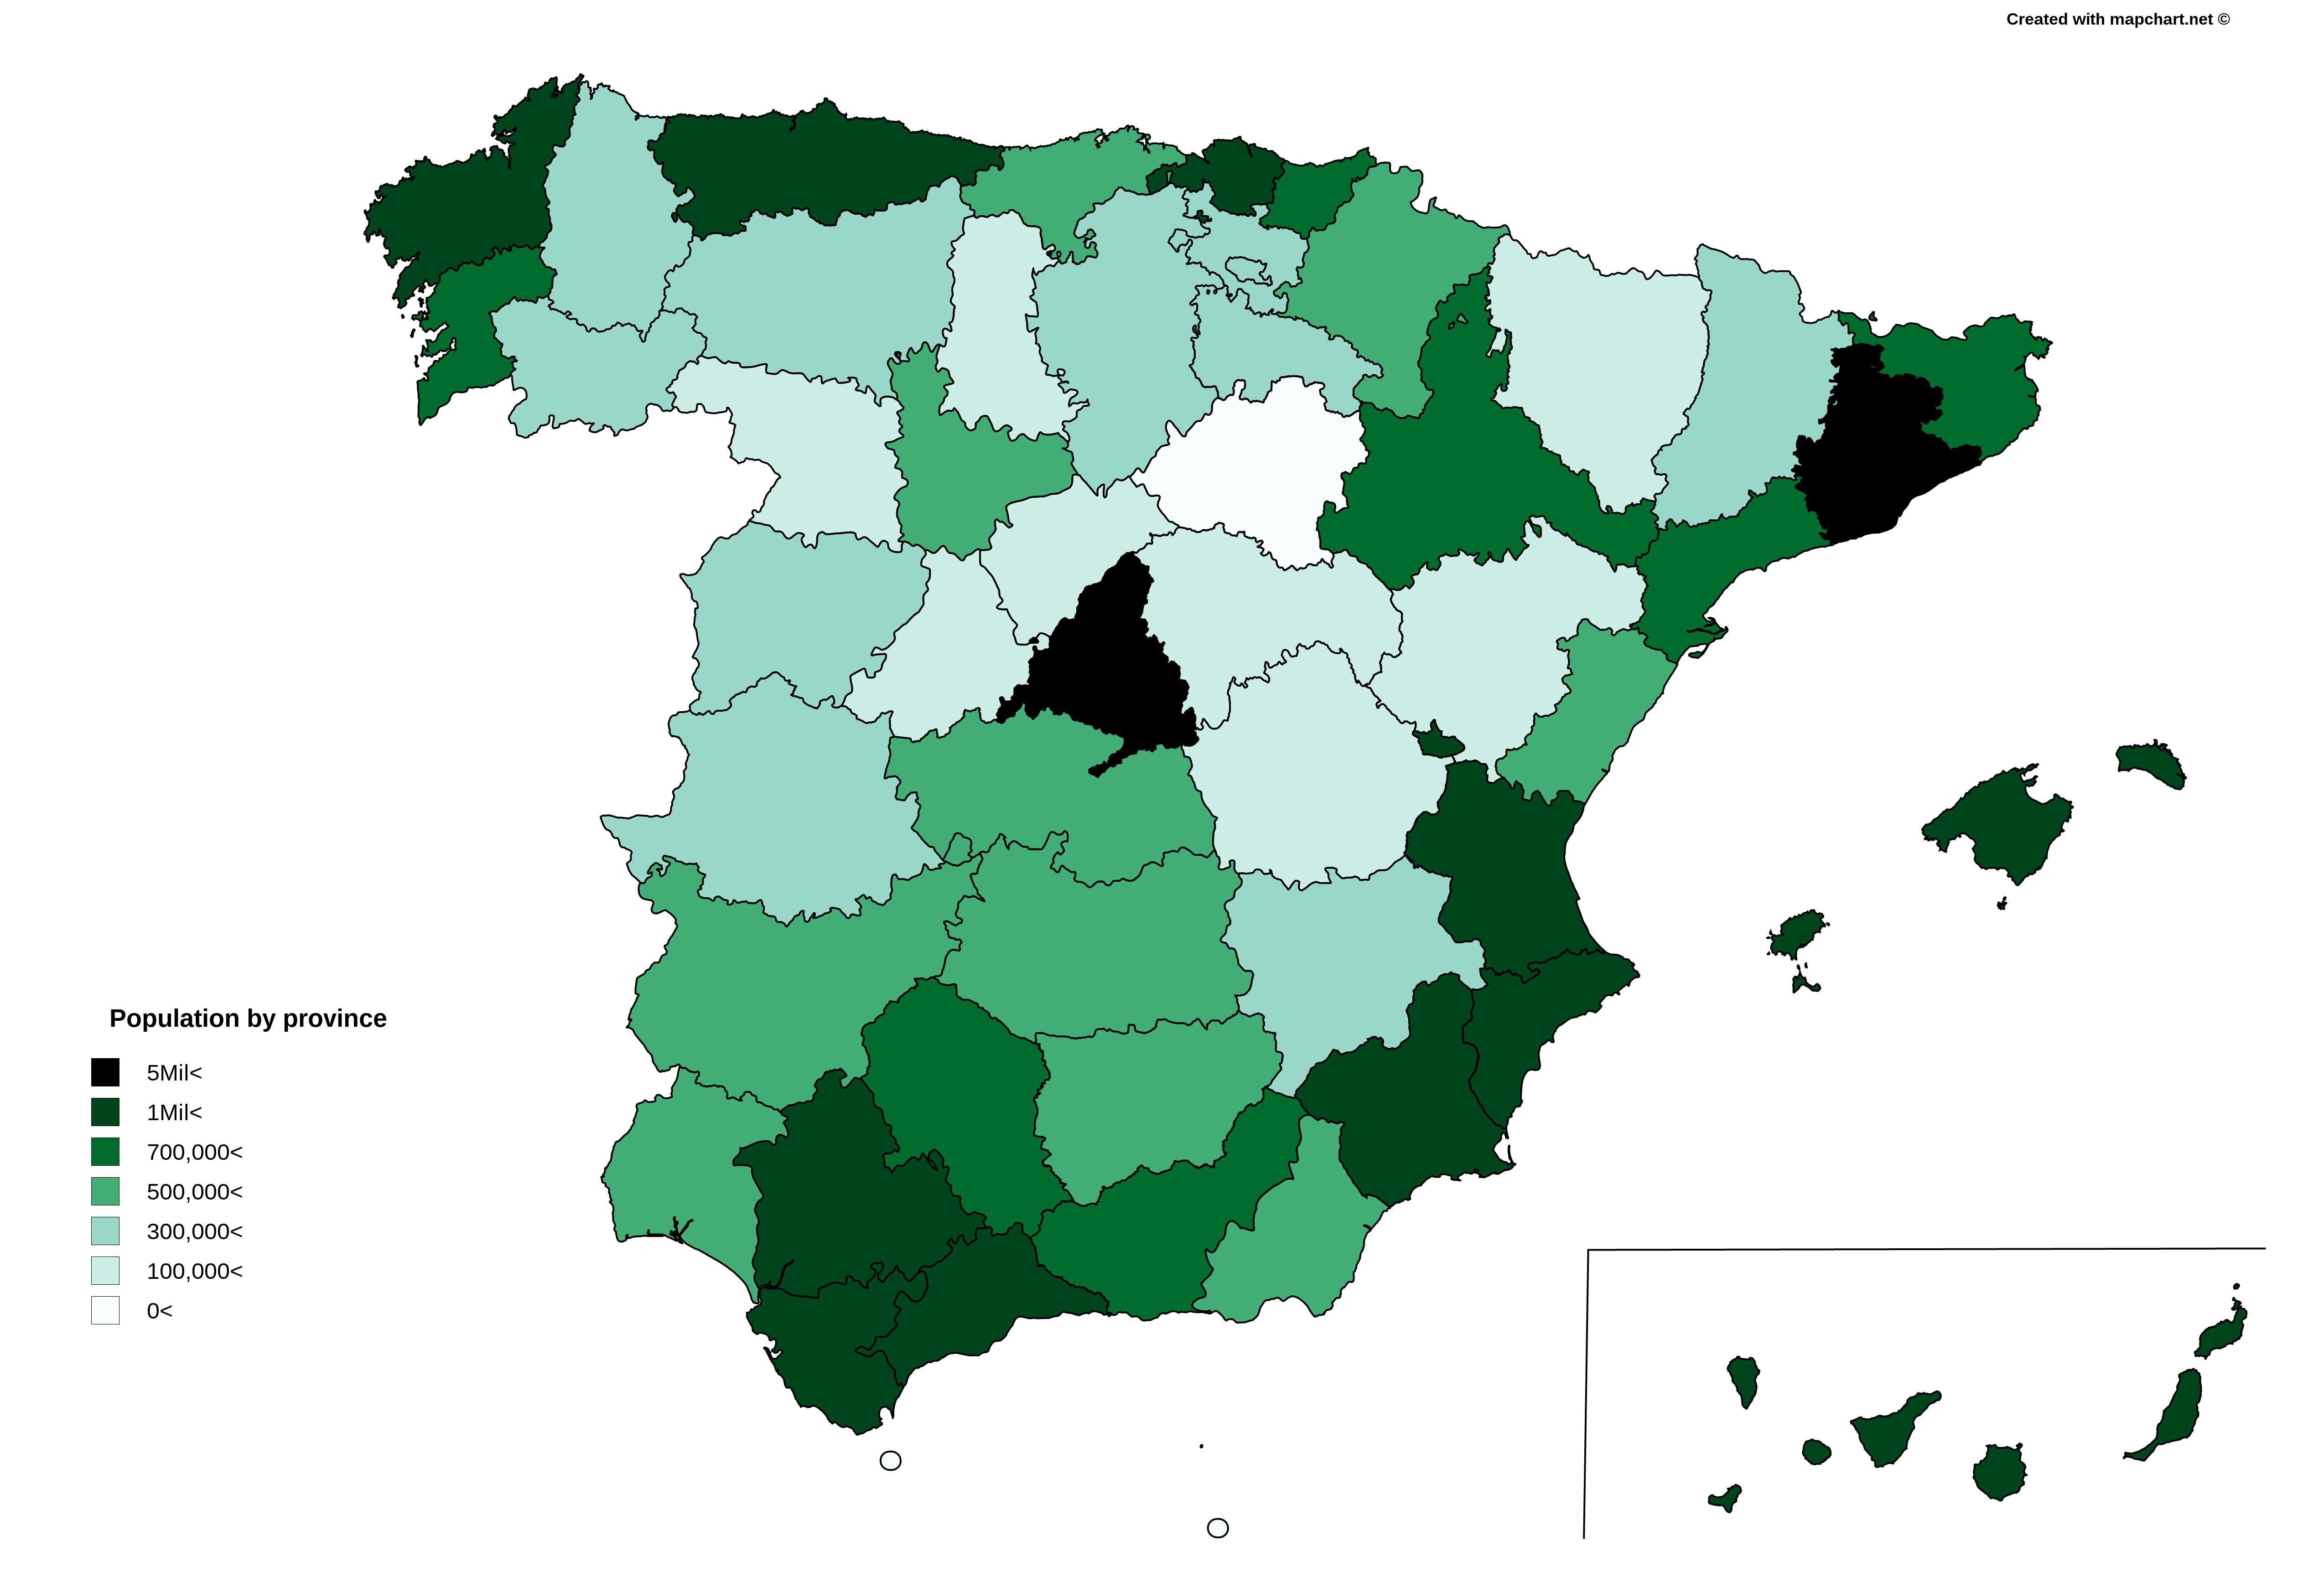 Las provincias por poblacin Spanish Provinces by Population MAPS